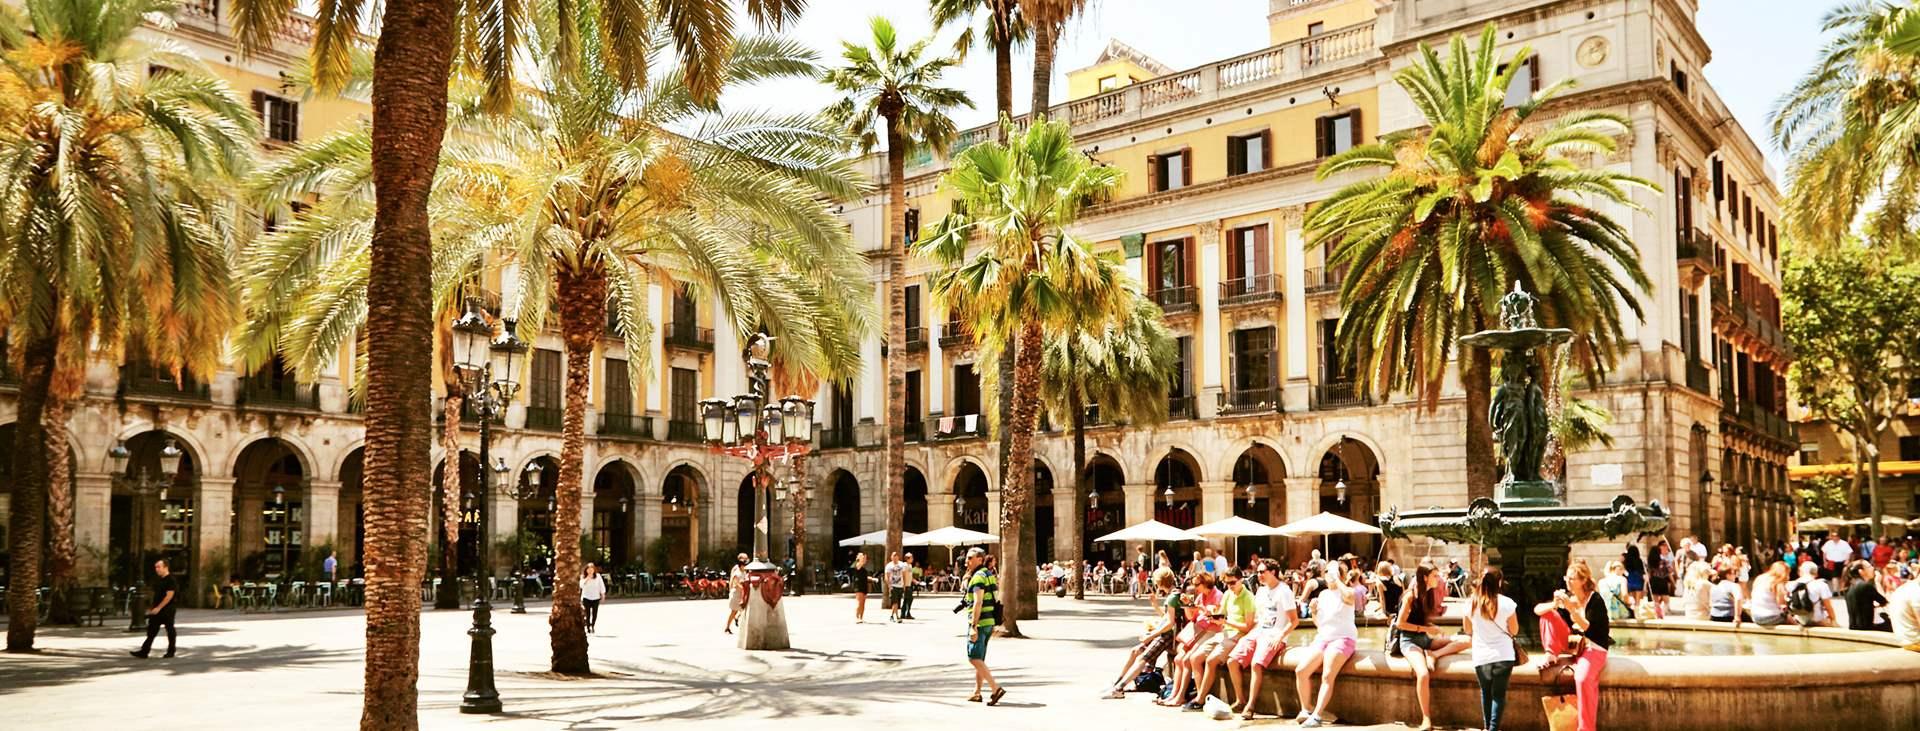 Varaa matka Barcelonaan, Espanjaan